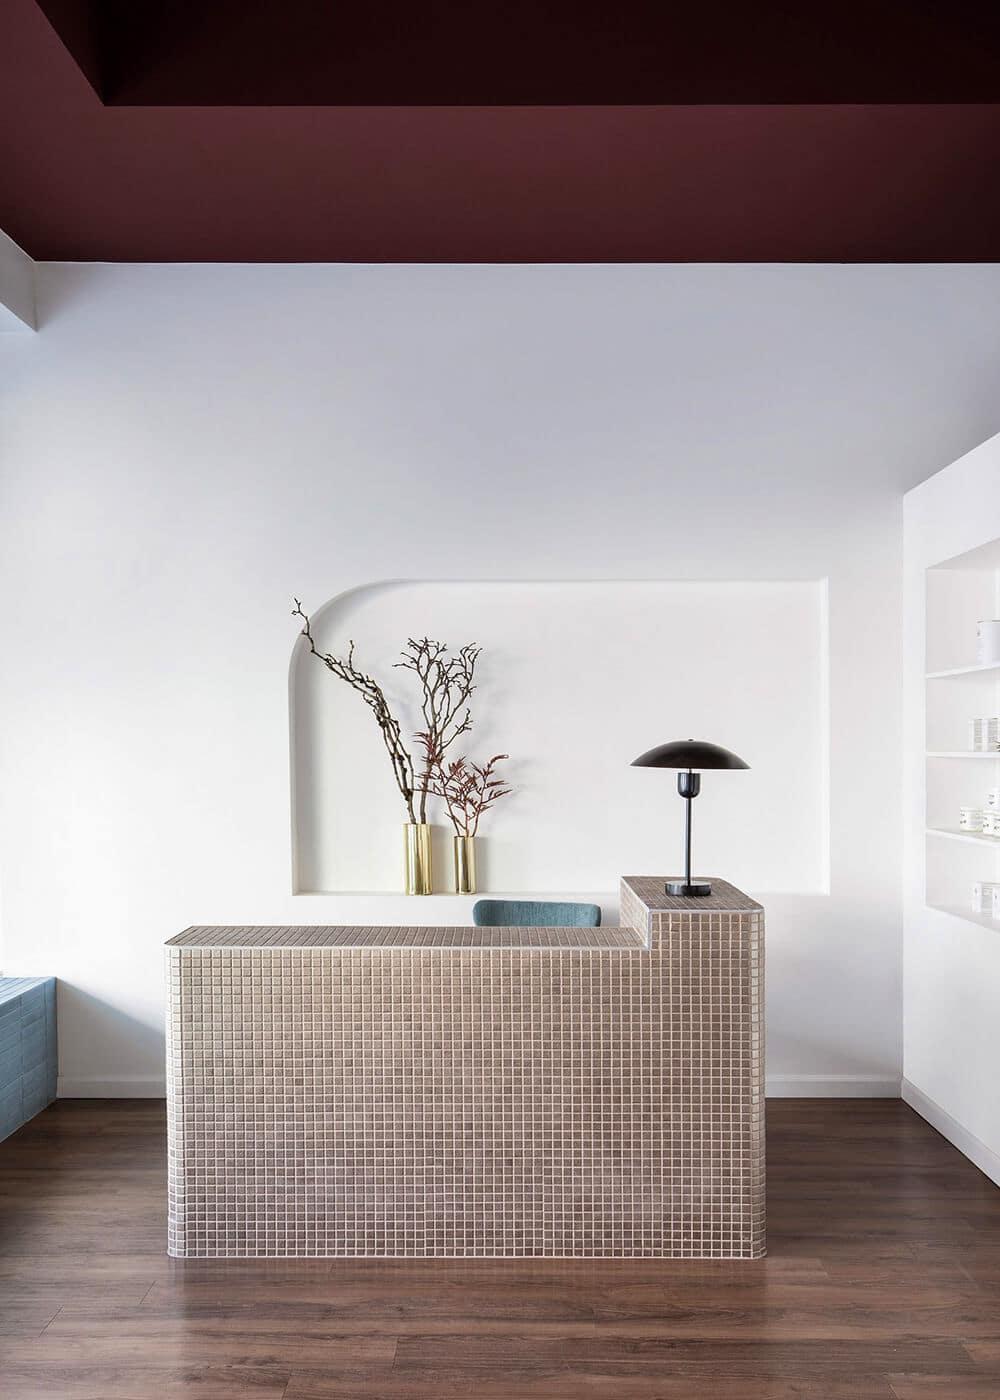 Oaza relaksu: salony kosmetyczne, kliniki urody ispa